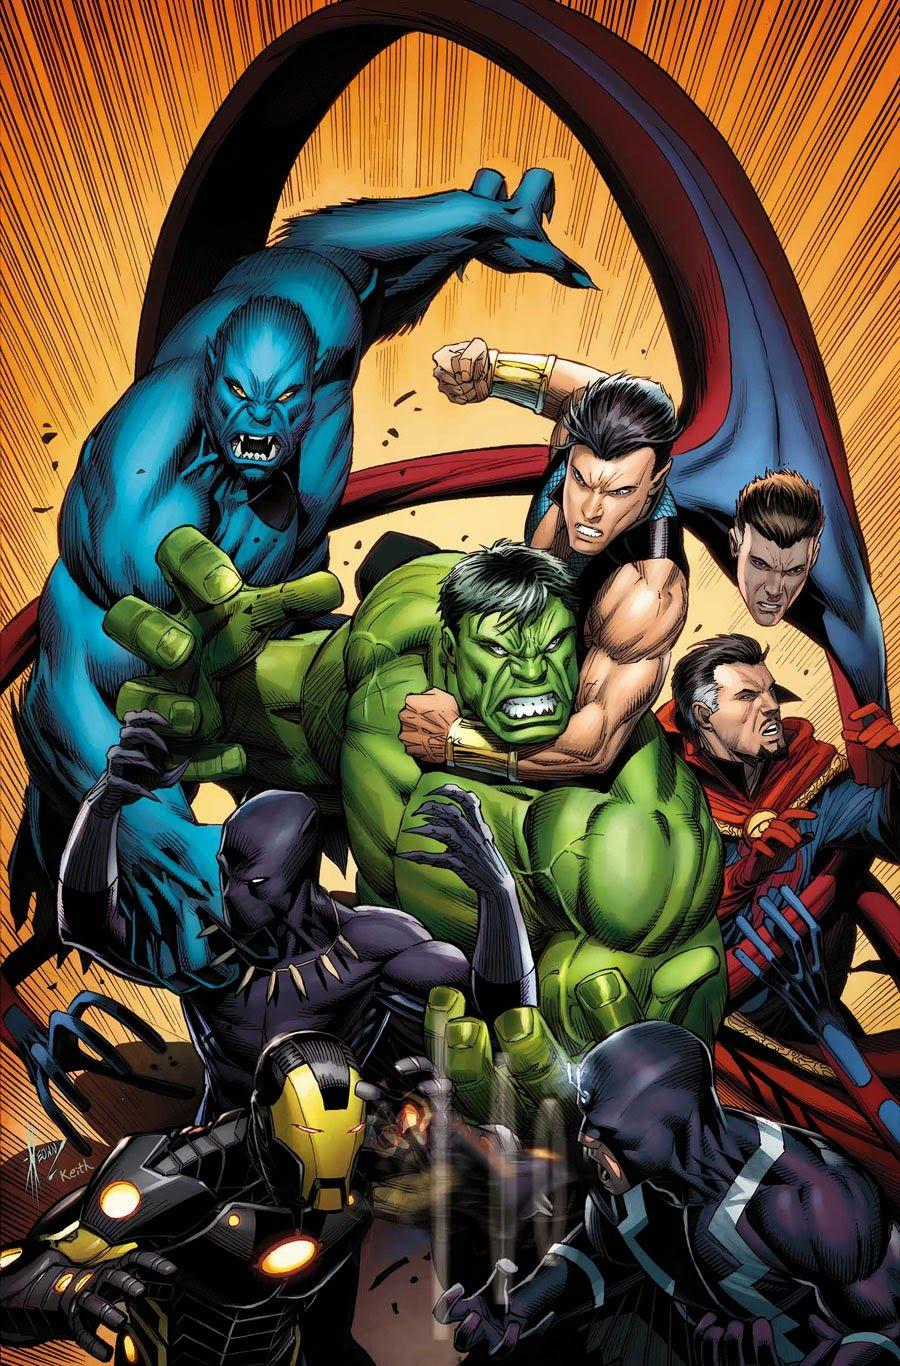 #Hulk #Fan #Art. (NEW AVENGERS #22 & 23 Cover) By: DALE KEOWN. (THE * 5 * STÅR * ÅWARD * OF * MAJOR ÅWESOMENESS!!!™)